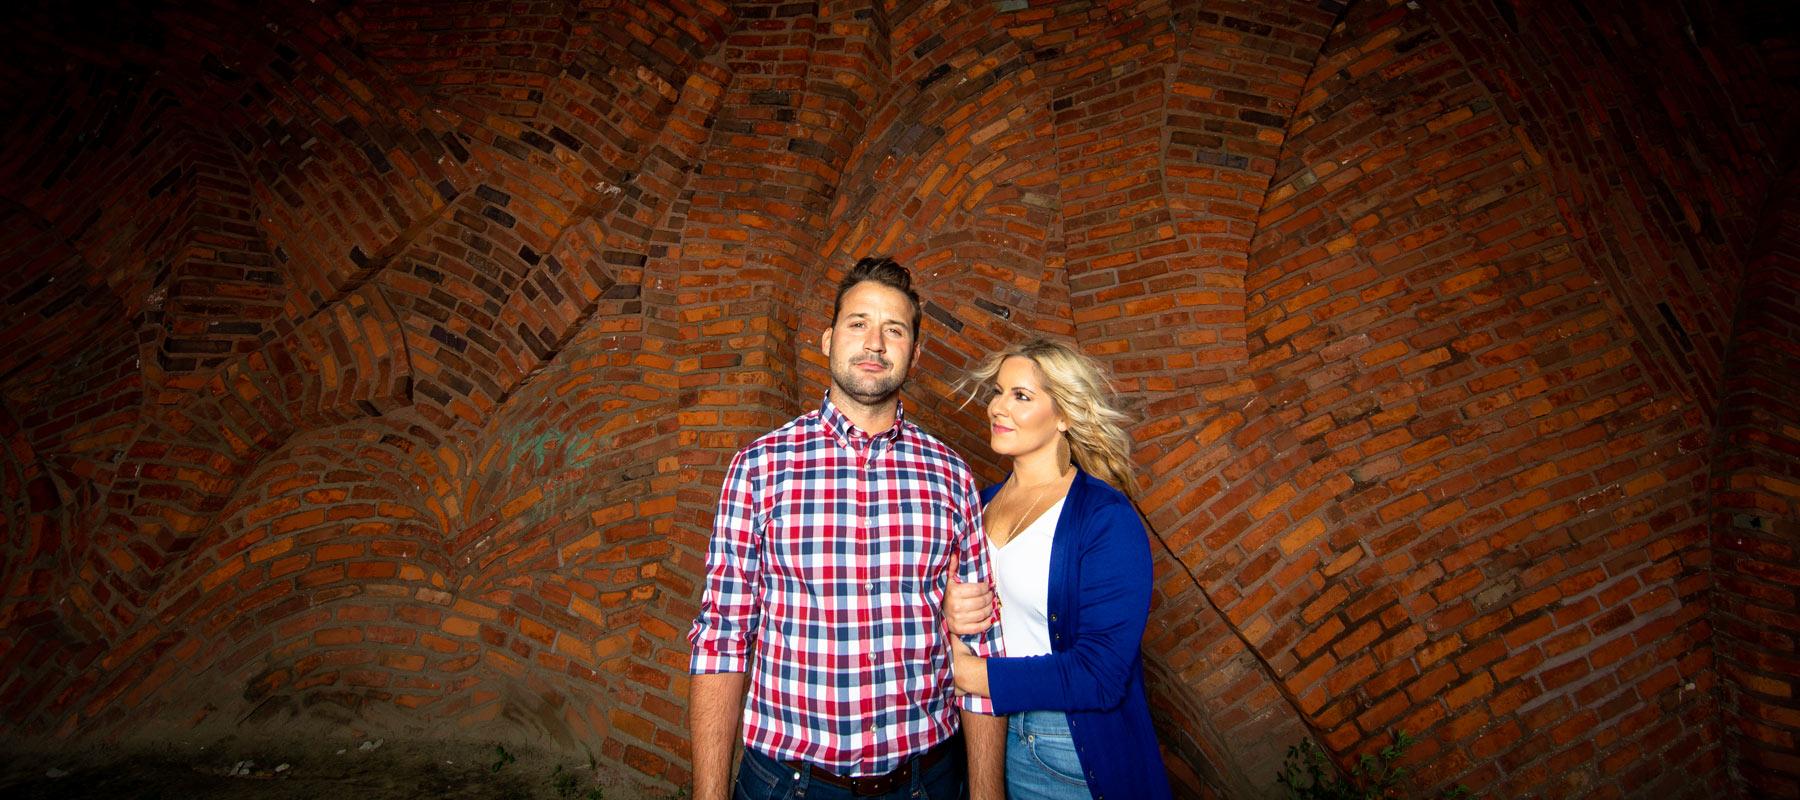 Jacqueline + Gavin // Engaged